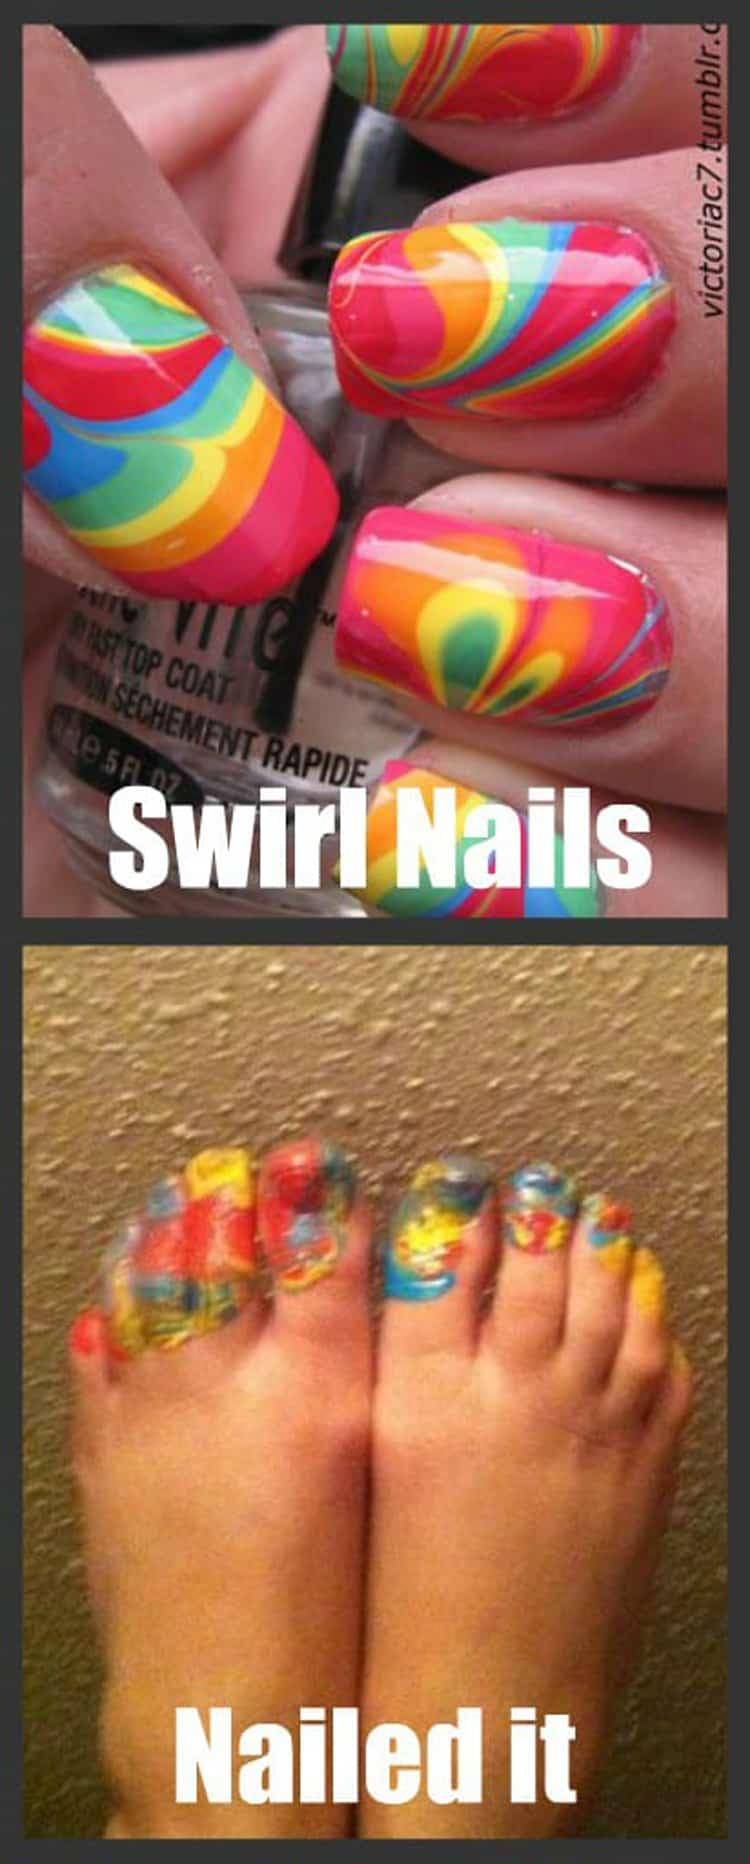 swirl-nail-art-expectation-vs-reality-beauty-fails